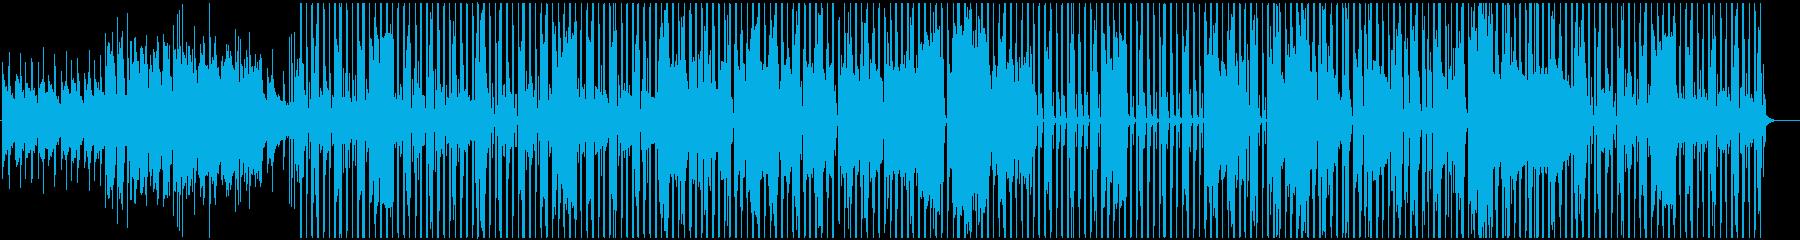 クールでジャジーなシティポップ風ビートの再生済みの波形